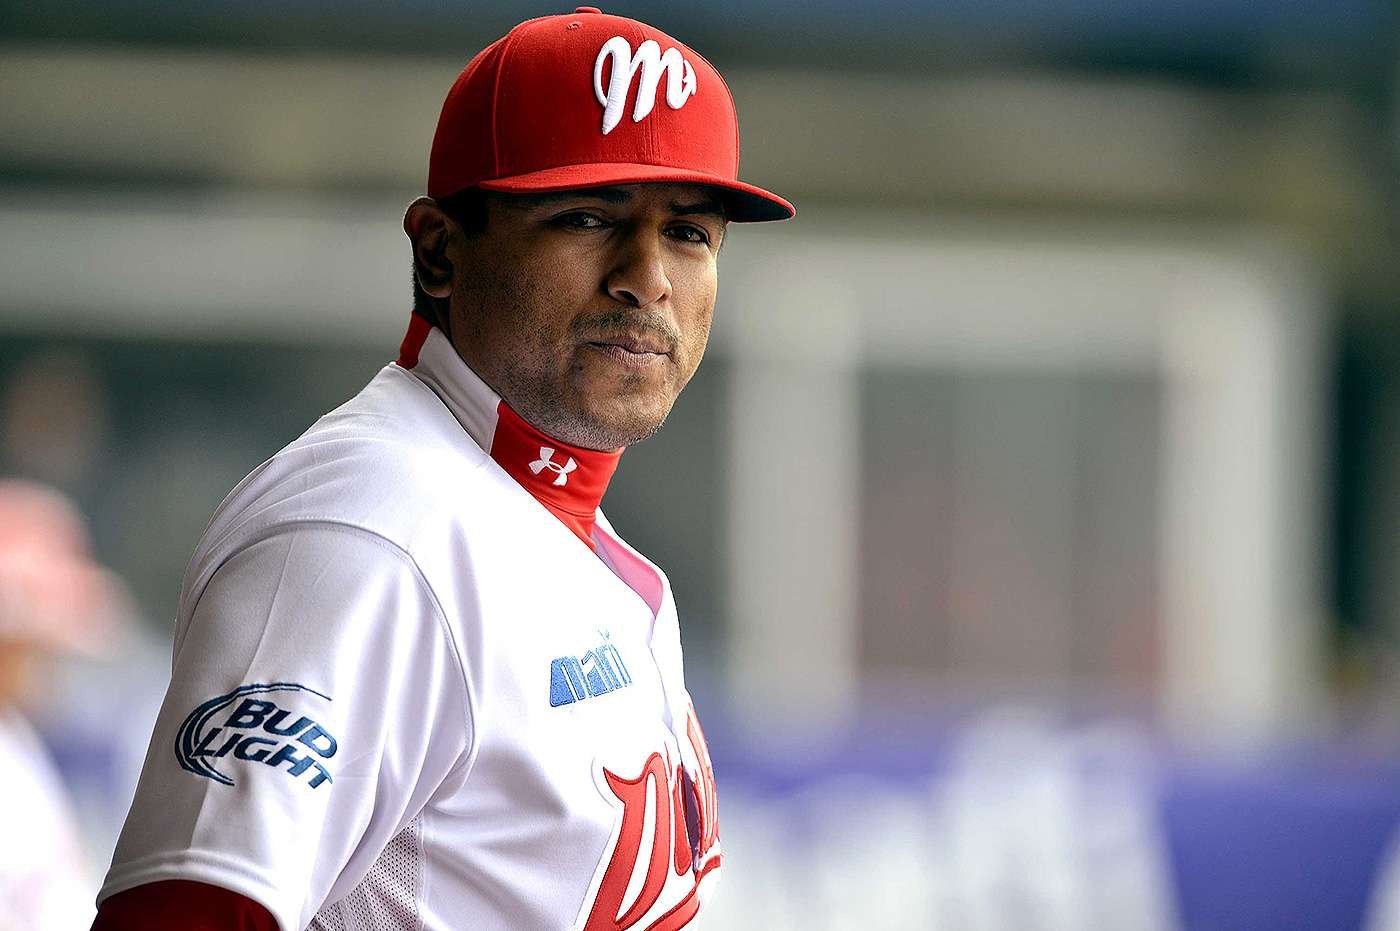 El manager de los Diablos Rojos del México, Miguel Ojeda, fue nombrado como el Manager del Año 2014 de la Liga Mexicana de Beisbol Foto: Diablos Rojos del México